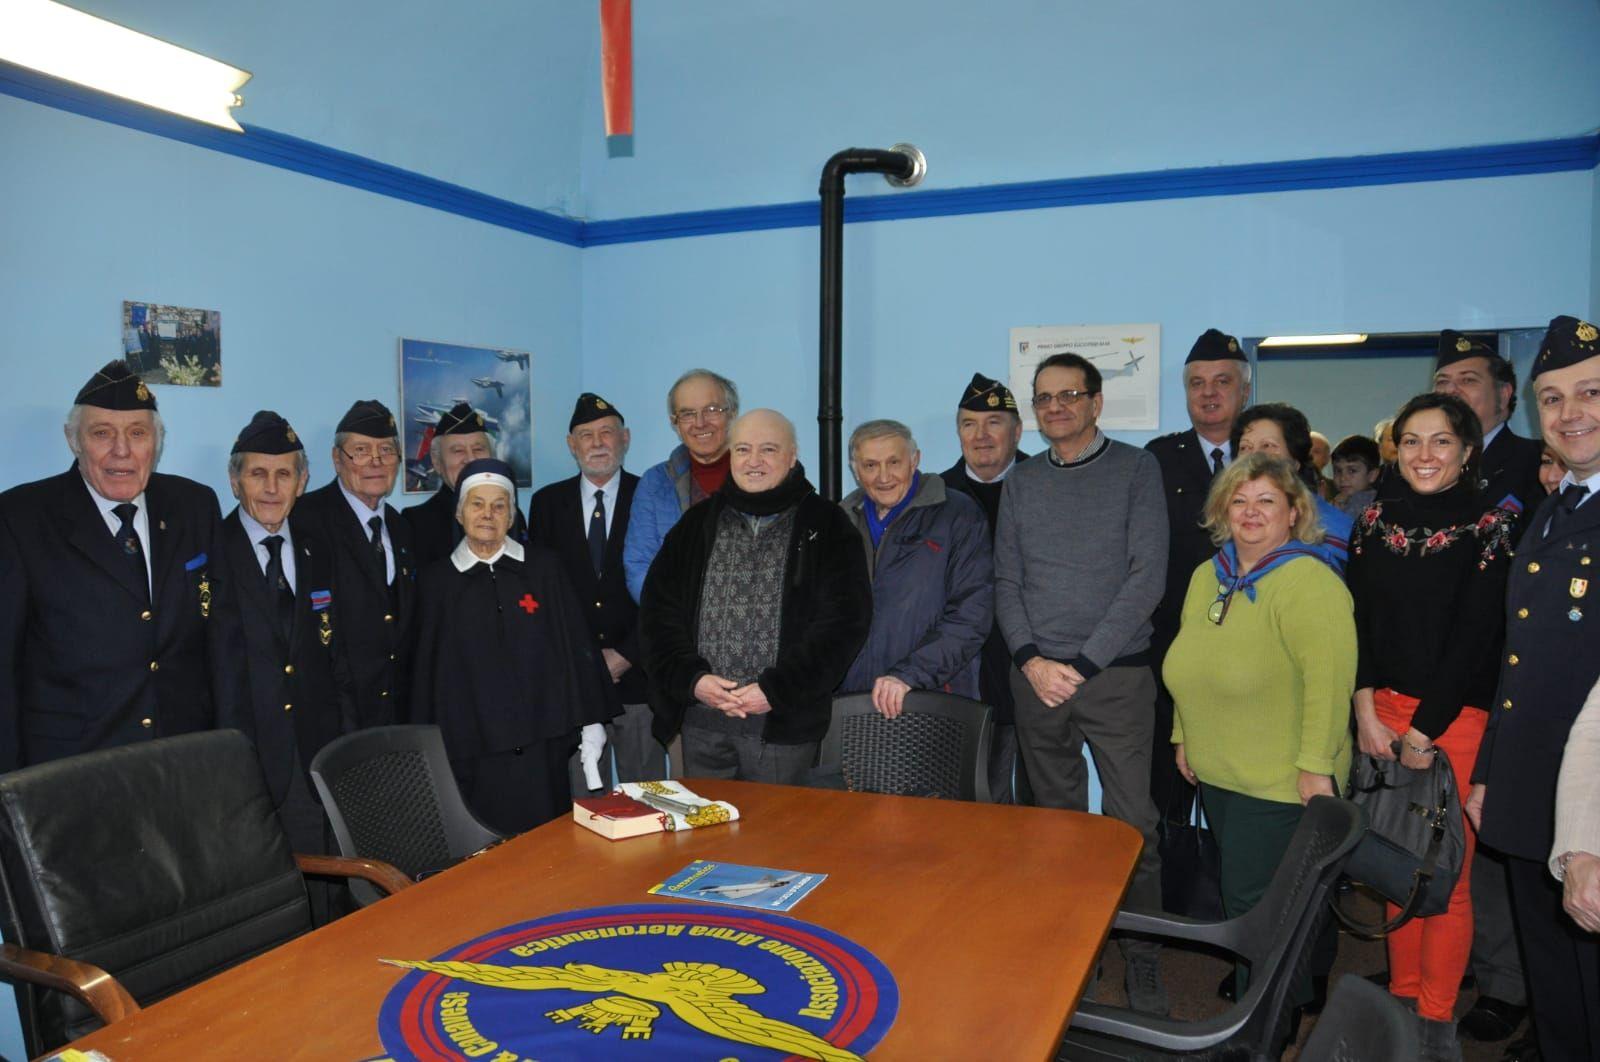 ALBIANO D'IVREA - Sede nuova per l'Associazione Arma Aeronautica